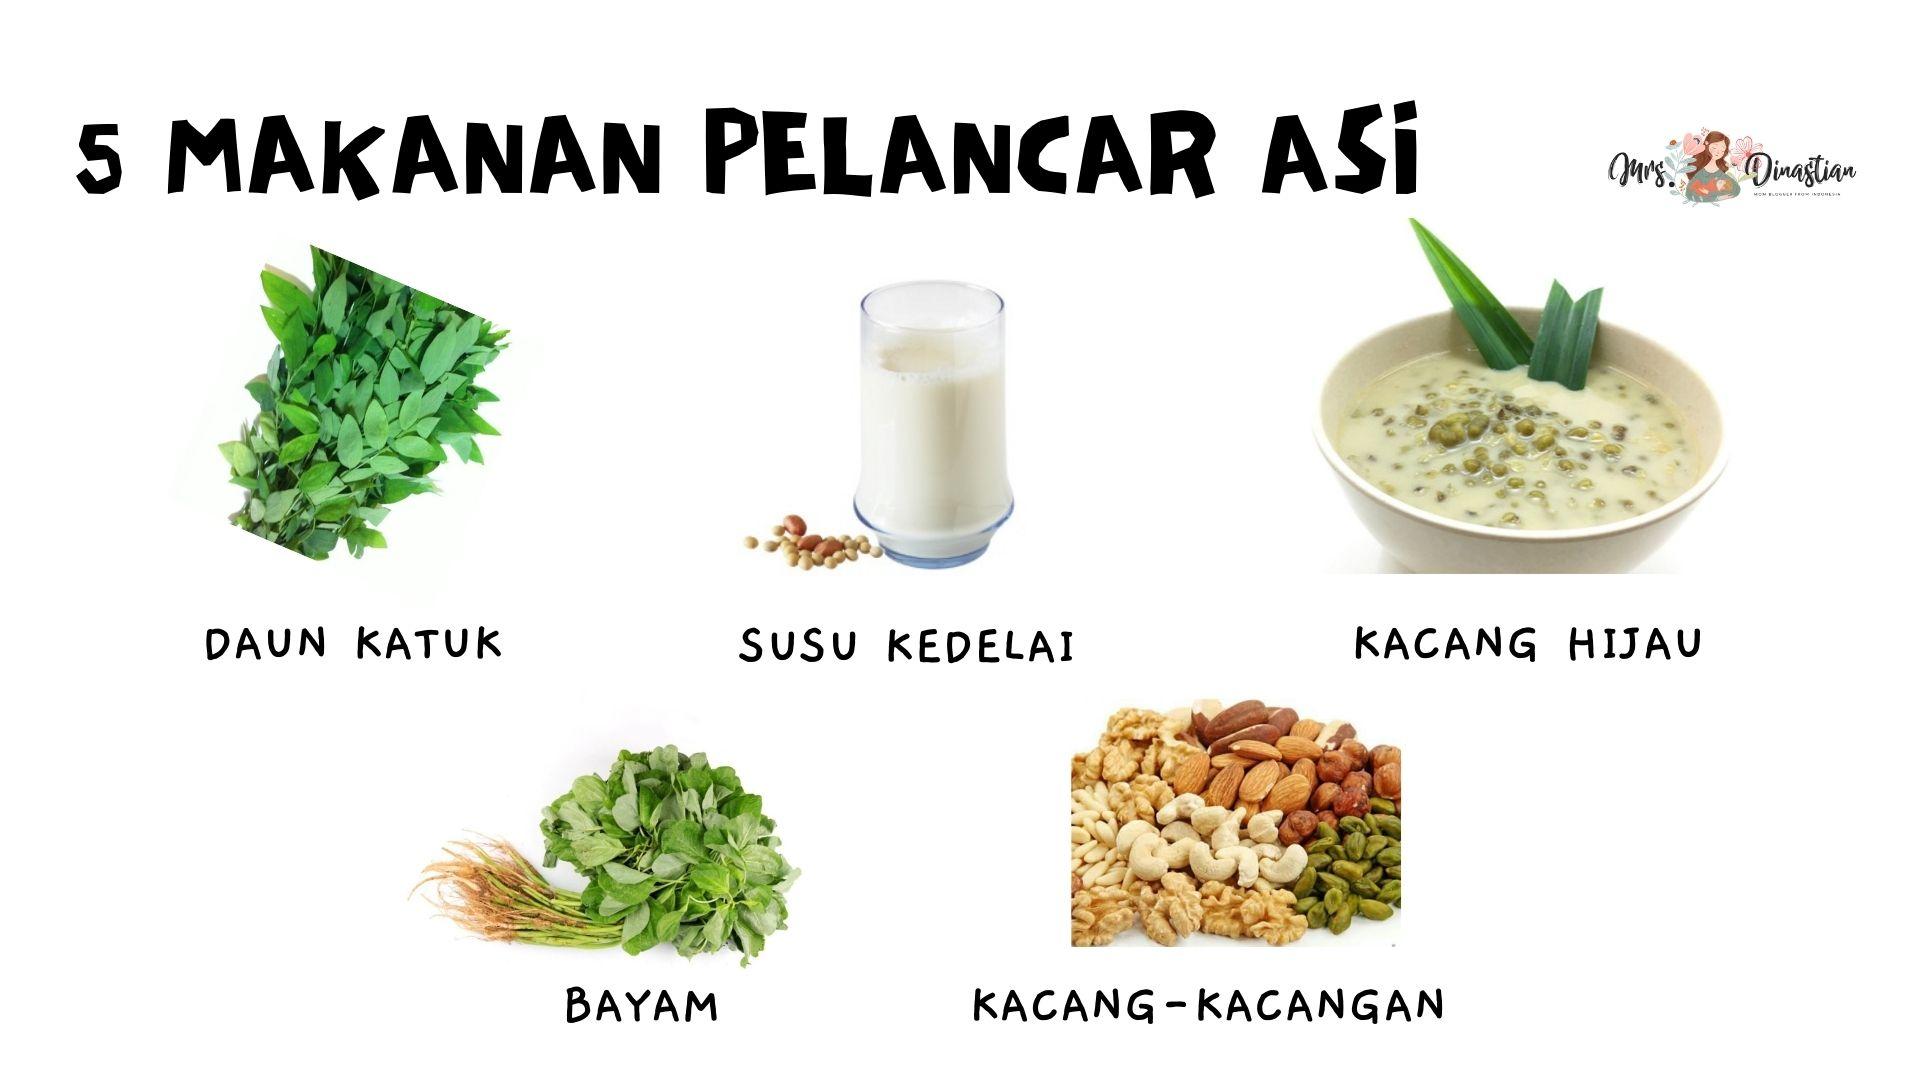 5 Makanan Pelancar ASI